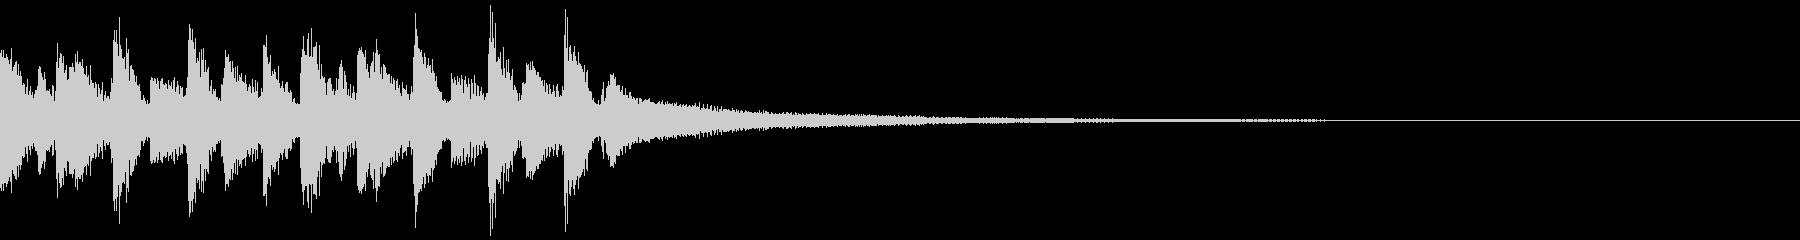 キャッチーEDM・ADMジングル7の未再生の波形